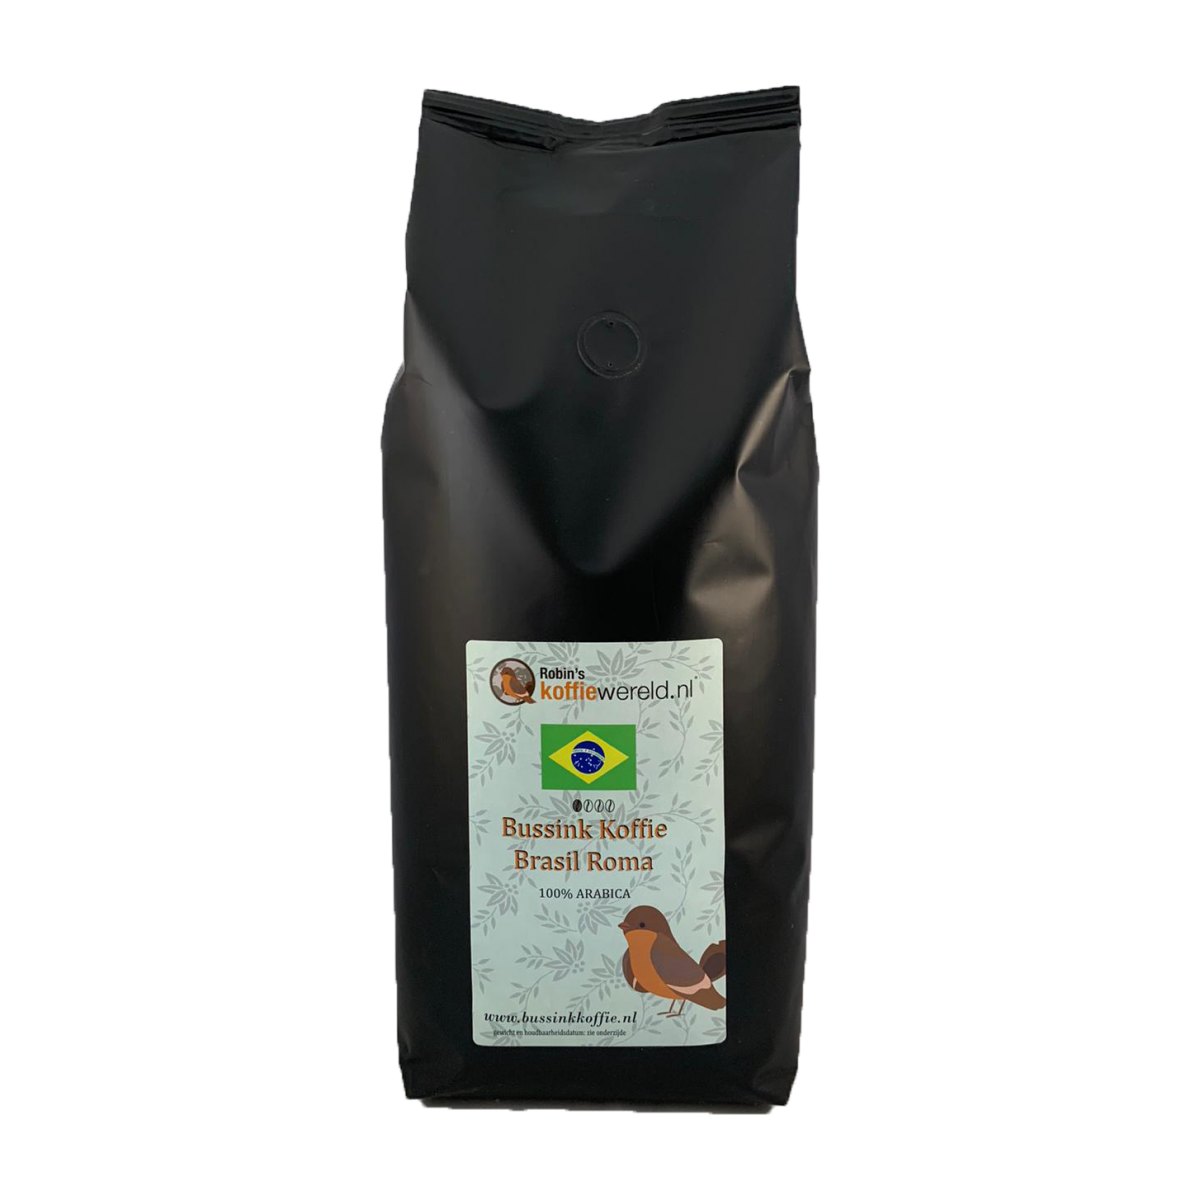 Bussink Koffie Brasil Roma 1 stuk 2020